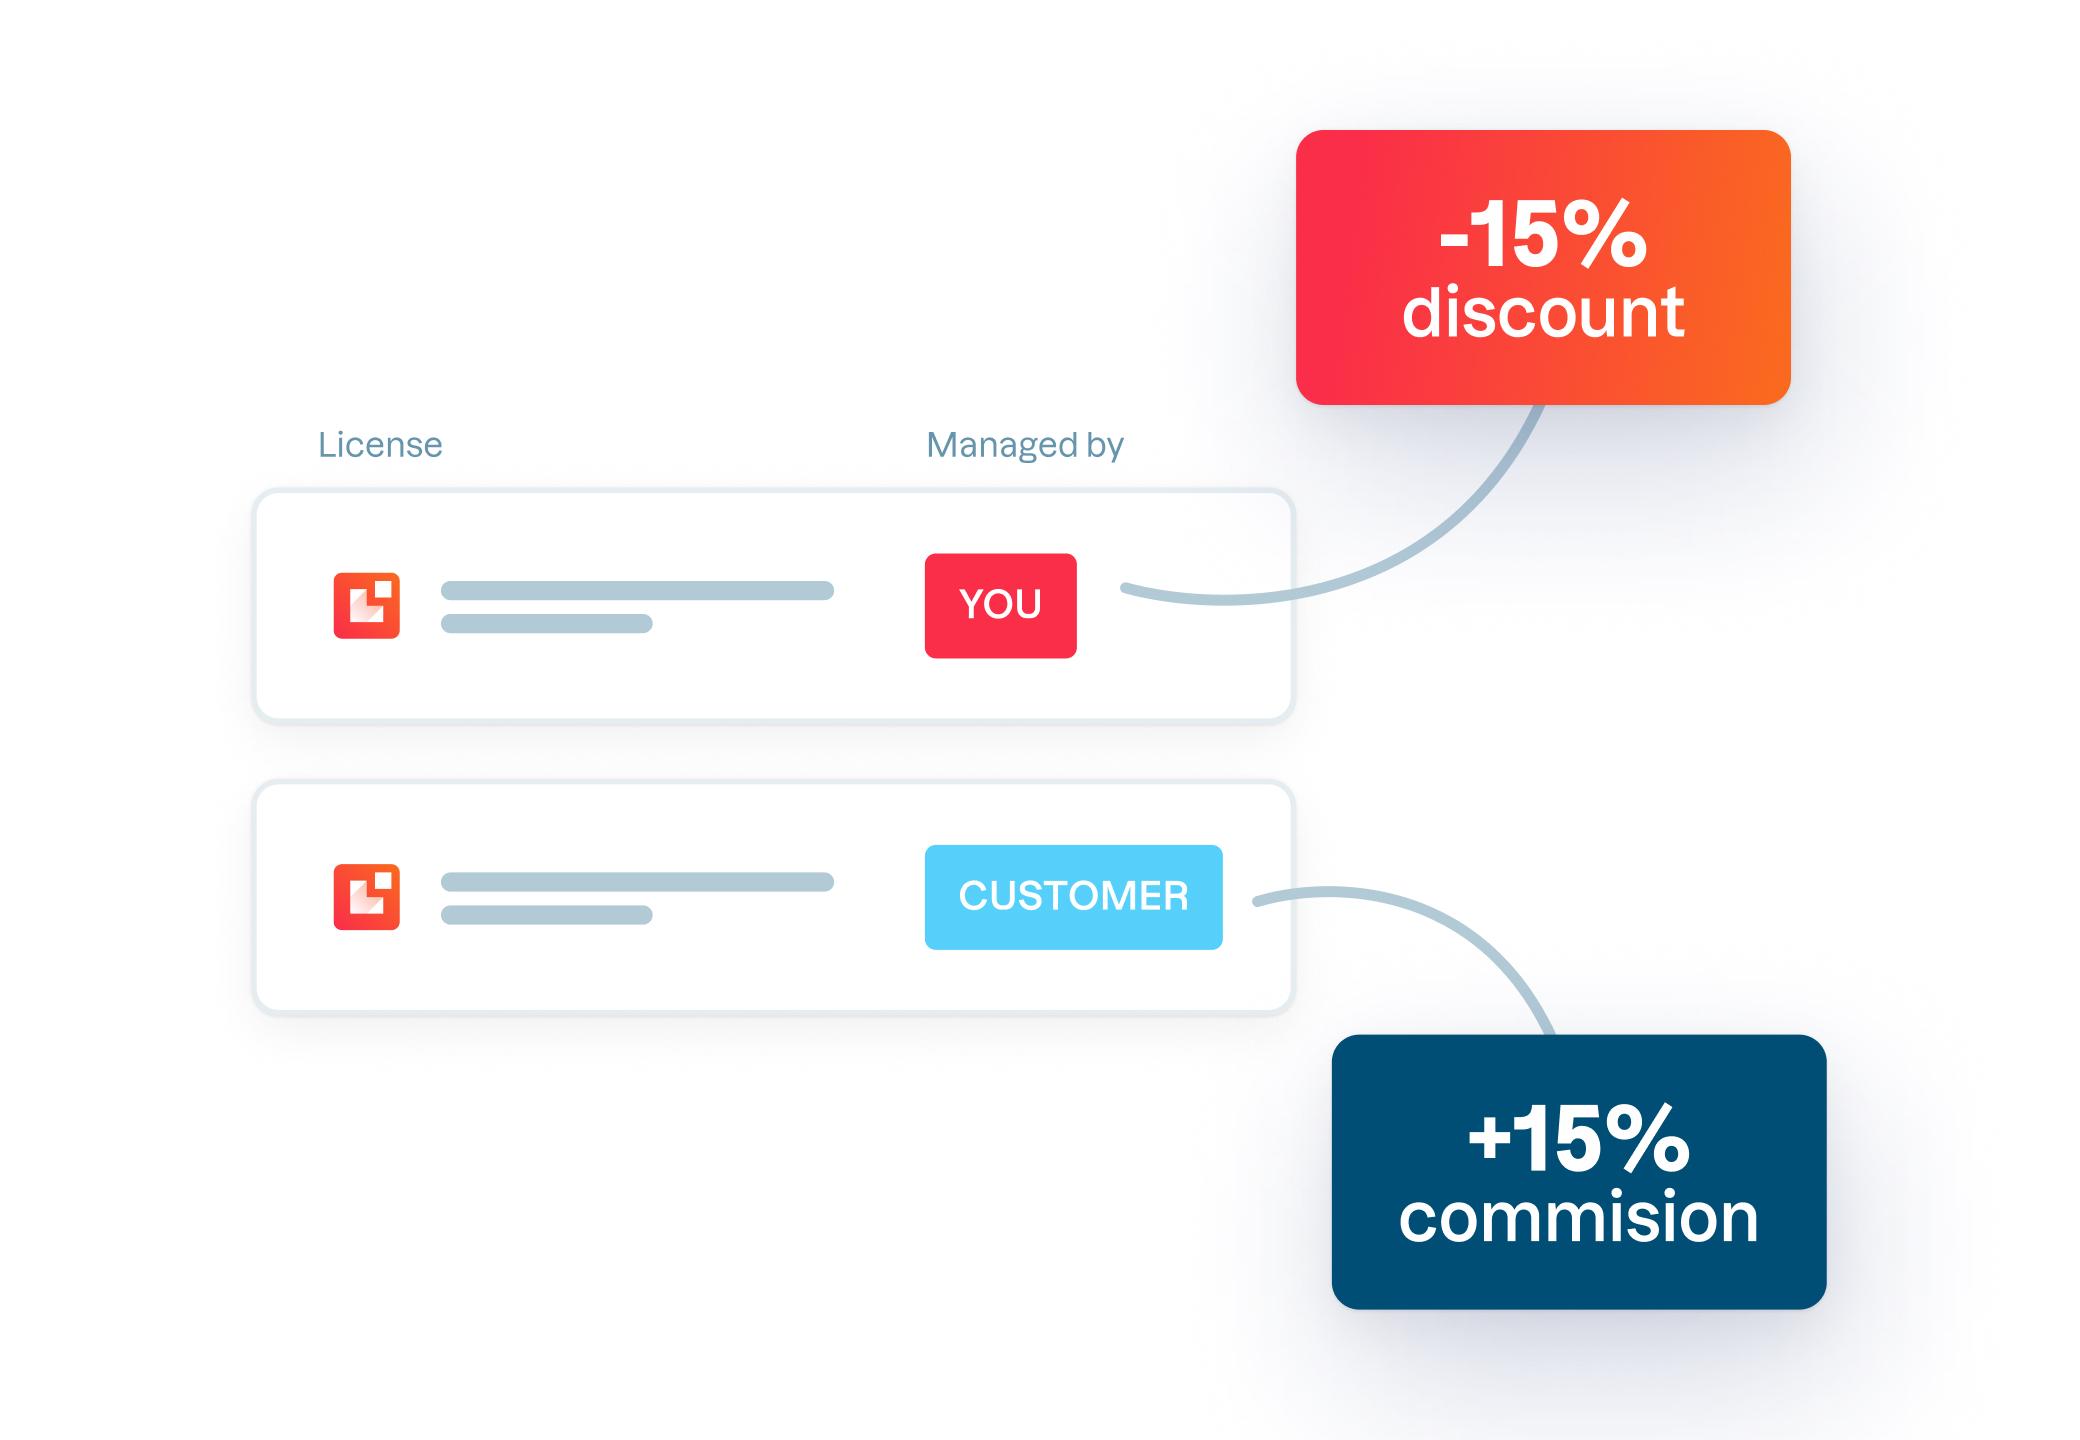 revenue-discount